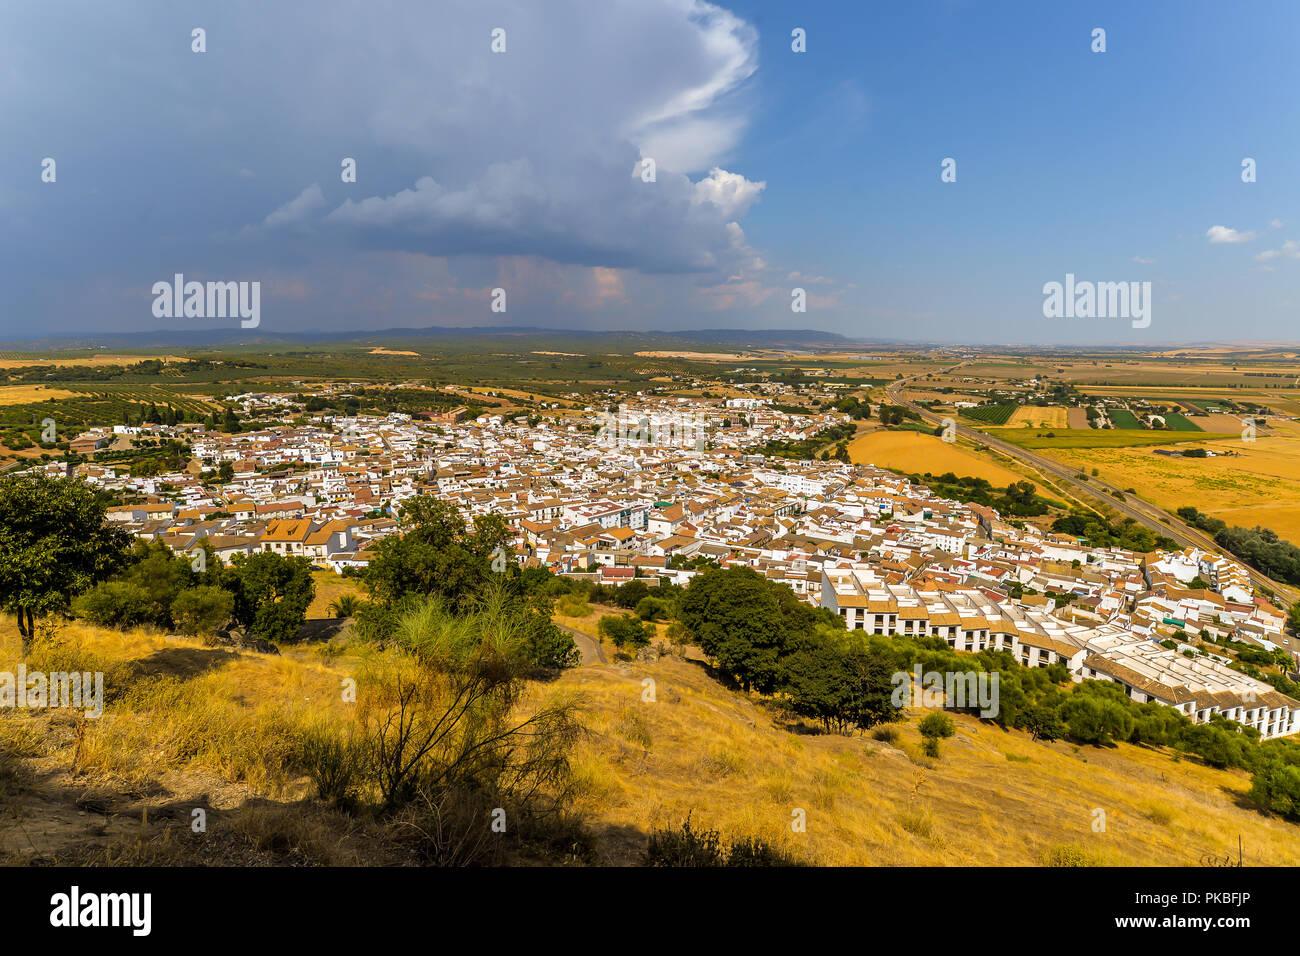 Der Blick von der Burg - Almodovar del Rio, Spanien Stockbild